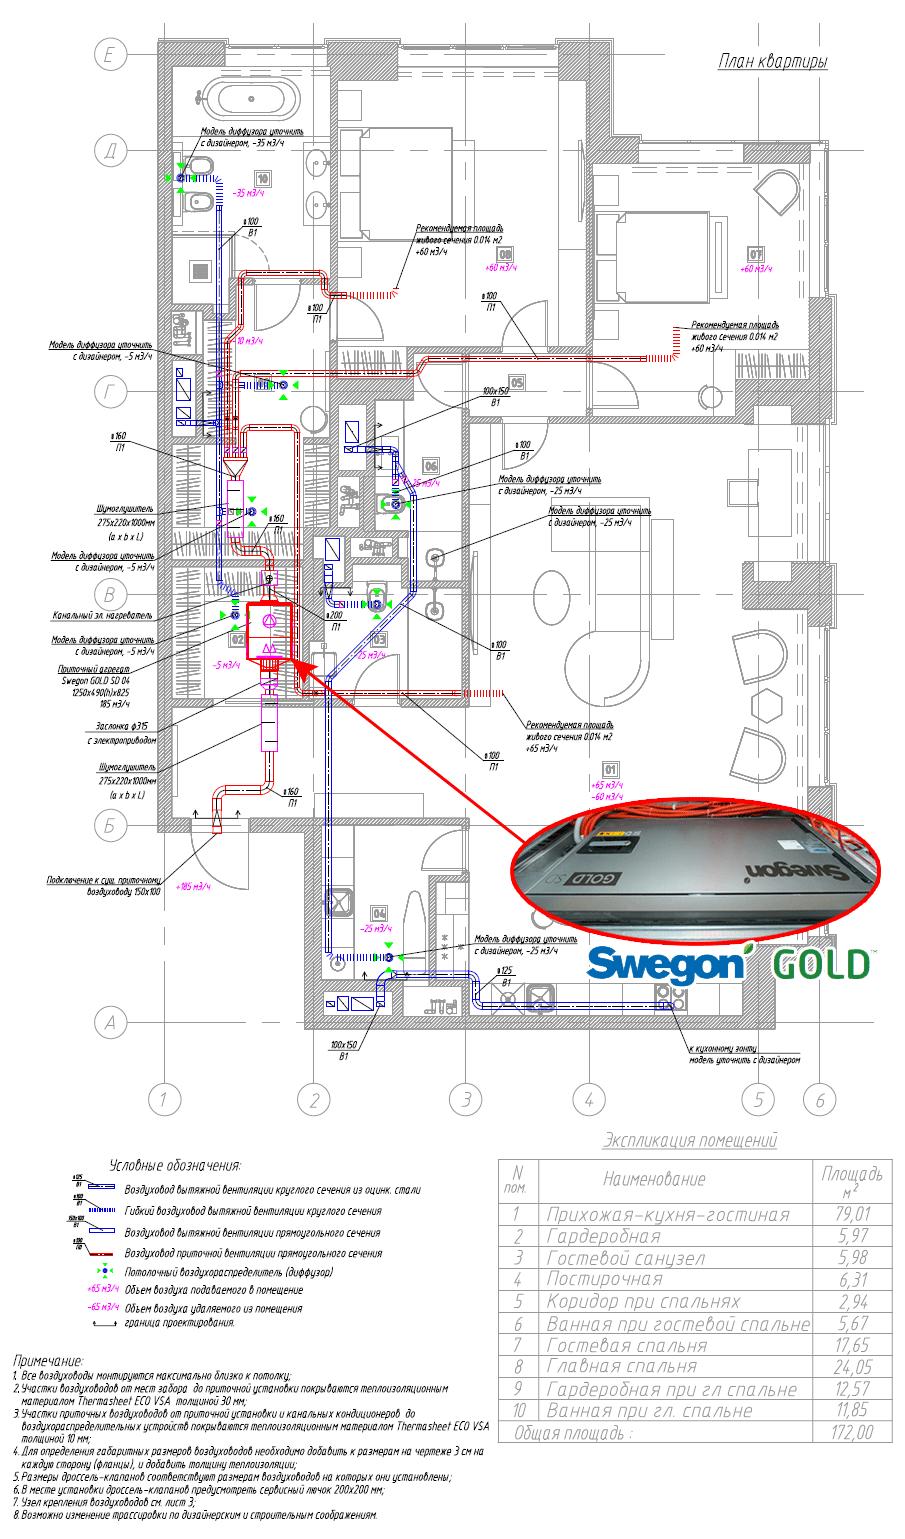 Проект вентиляции и кондиционирования на базе Swegon Gold SD